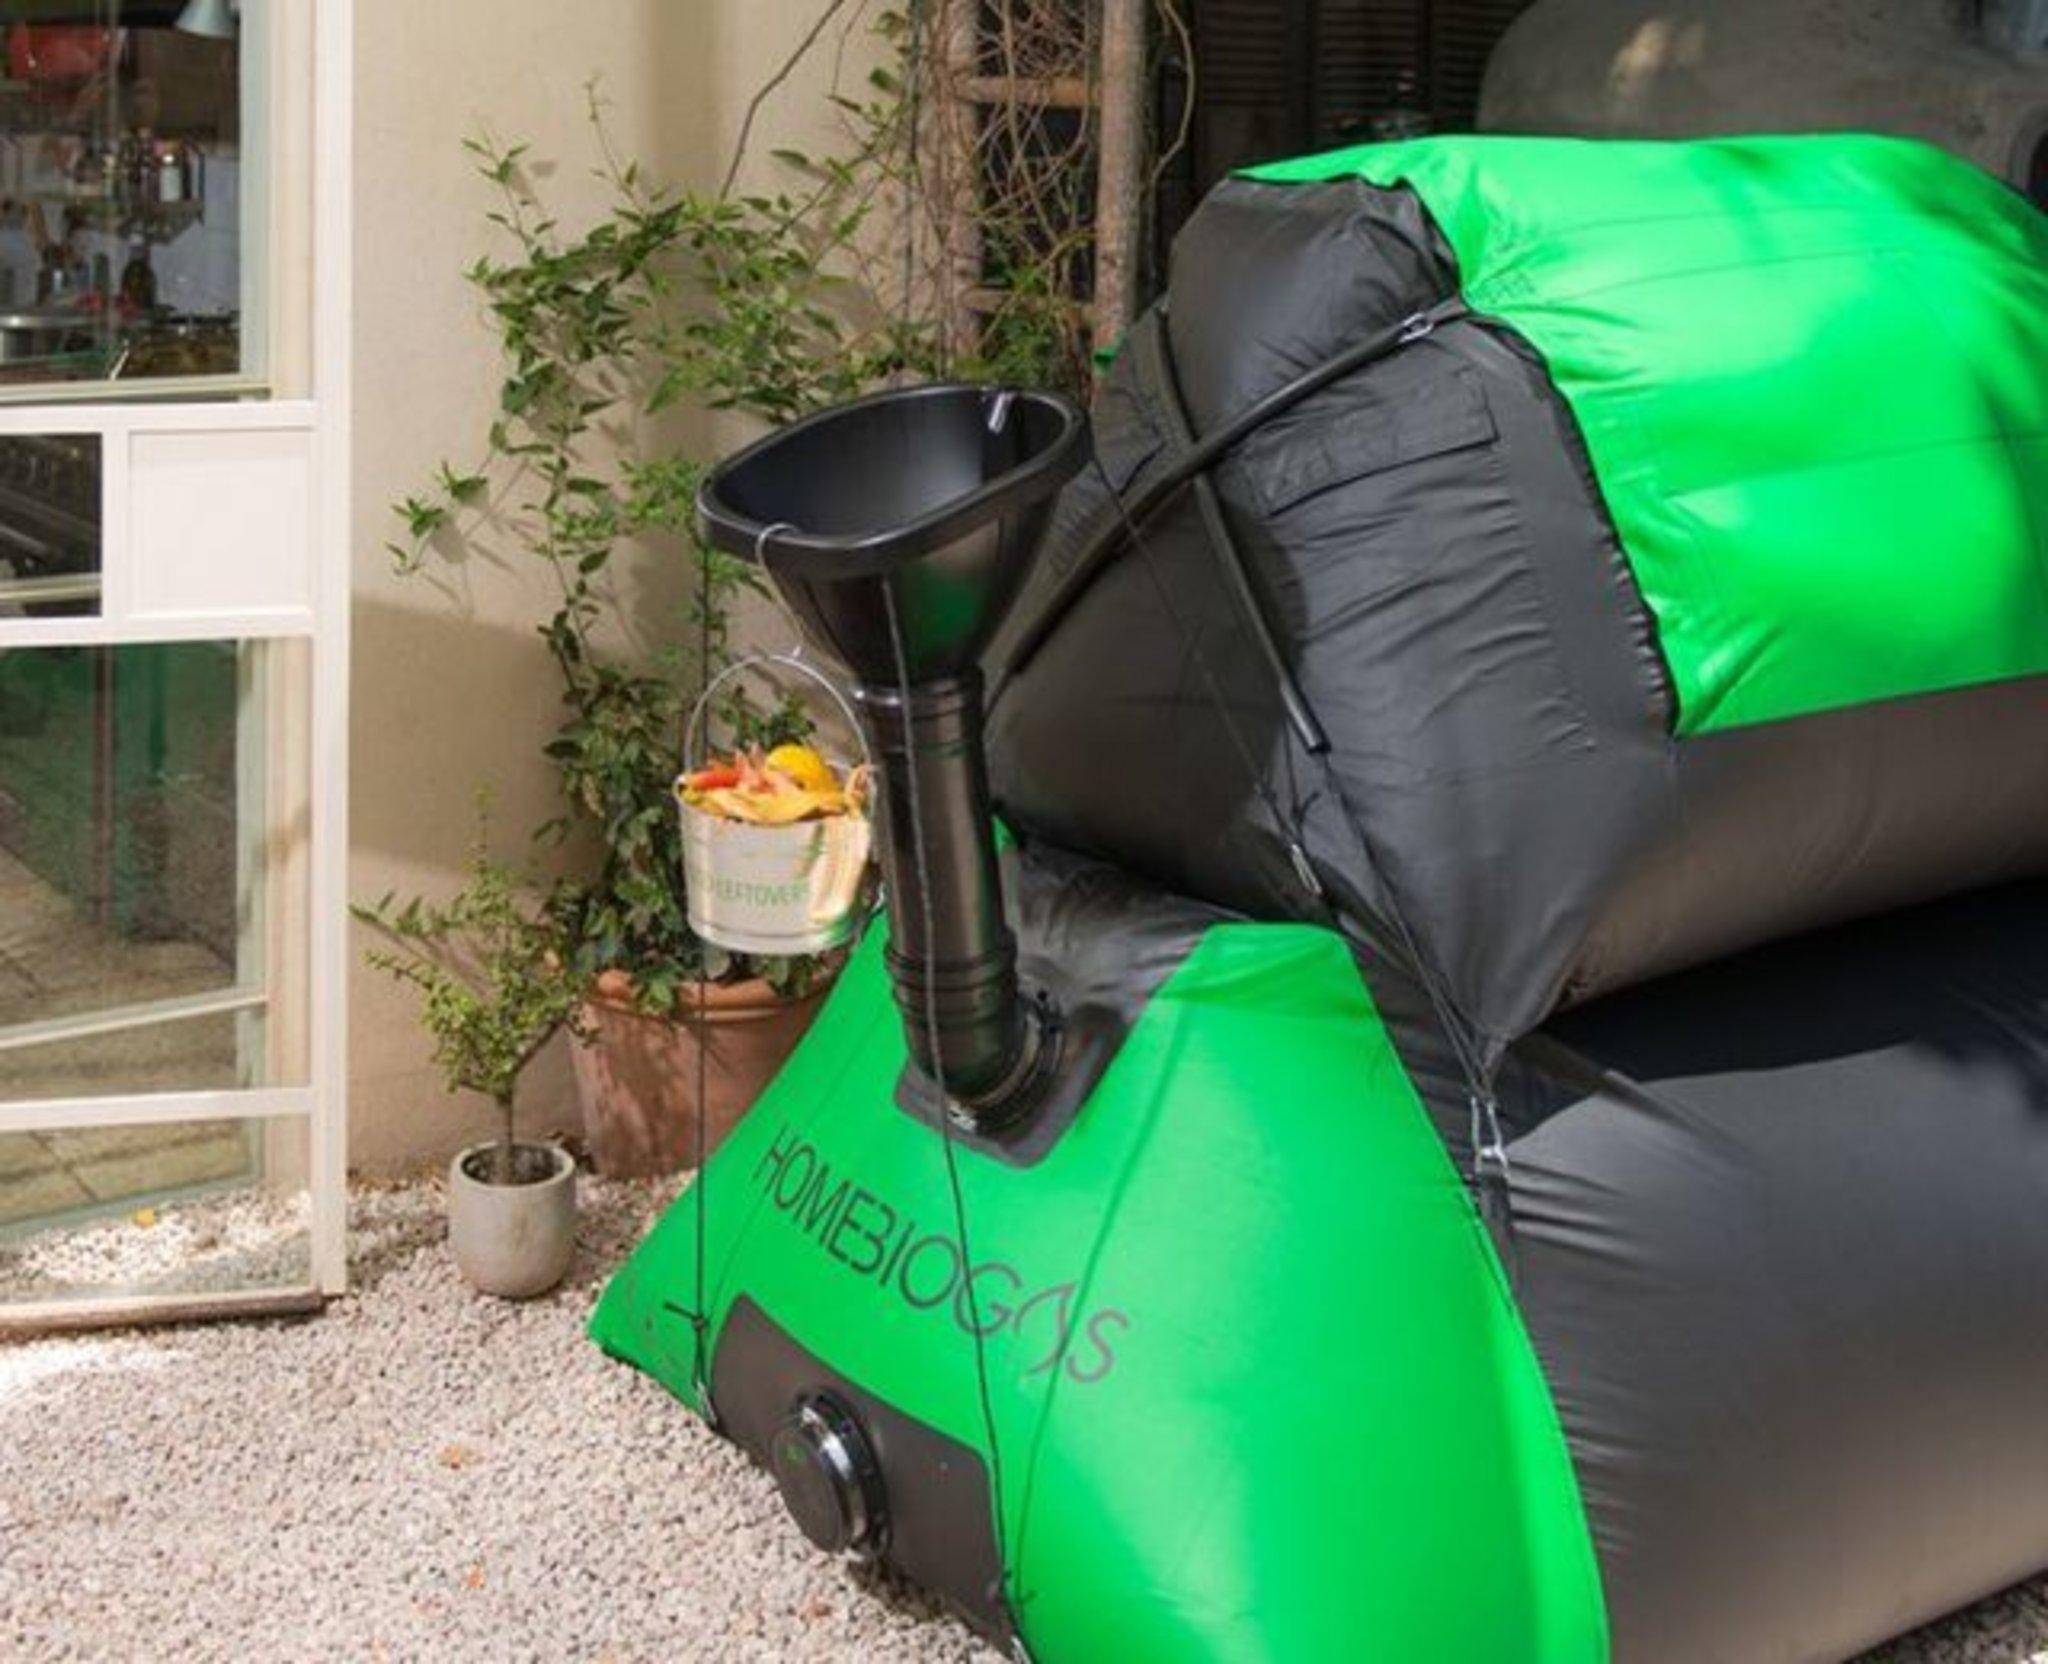 Top Biogas der kleine Drachen für deinen Balkon - Bochum #IY_56